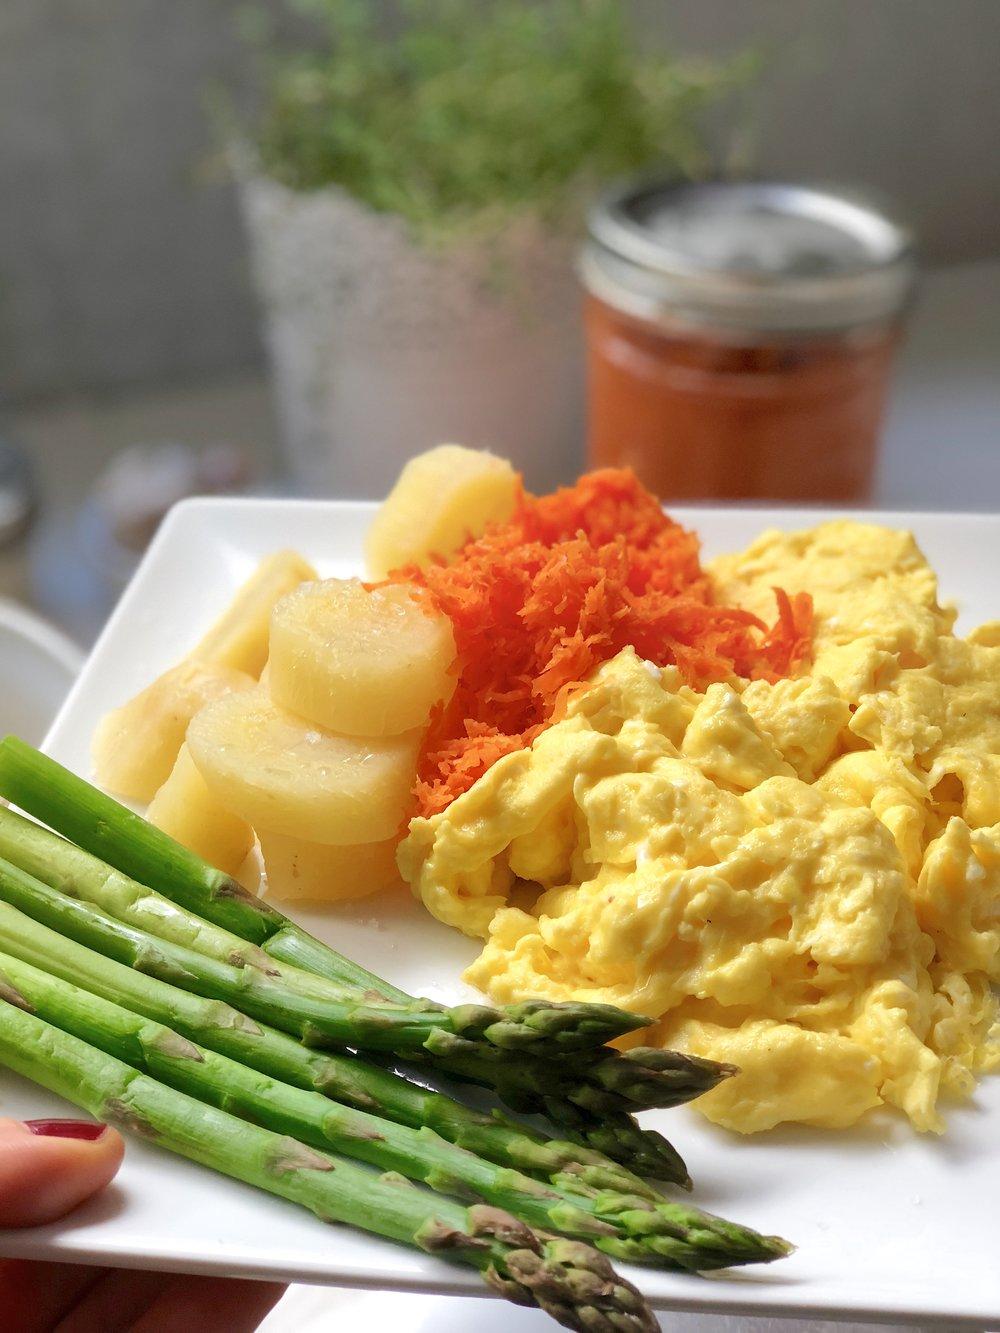 Huevos revueltos con zanahoria fermentada, zanahoria blanca al vapor y espárragos al vapor, ¡uno de mis desayunos favoritos!